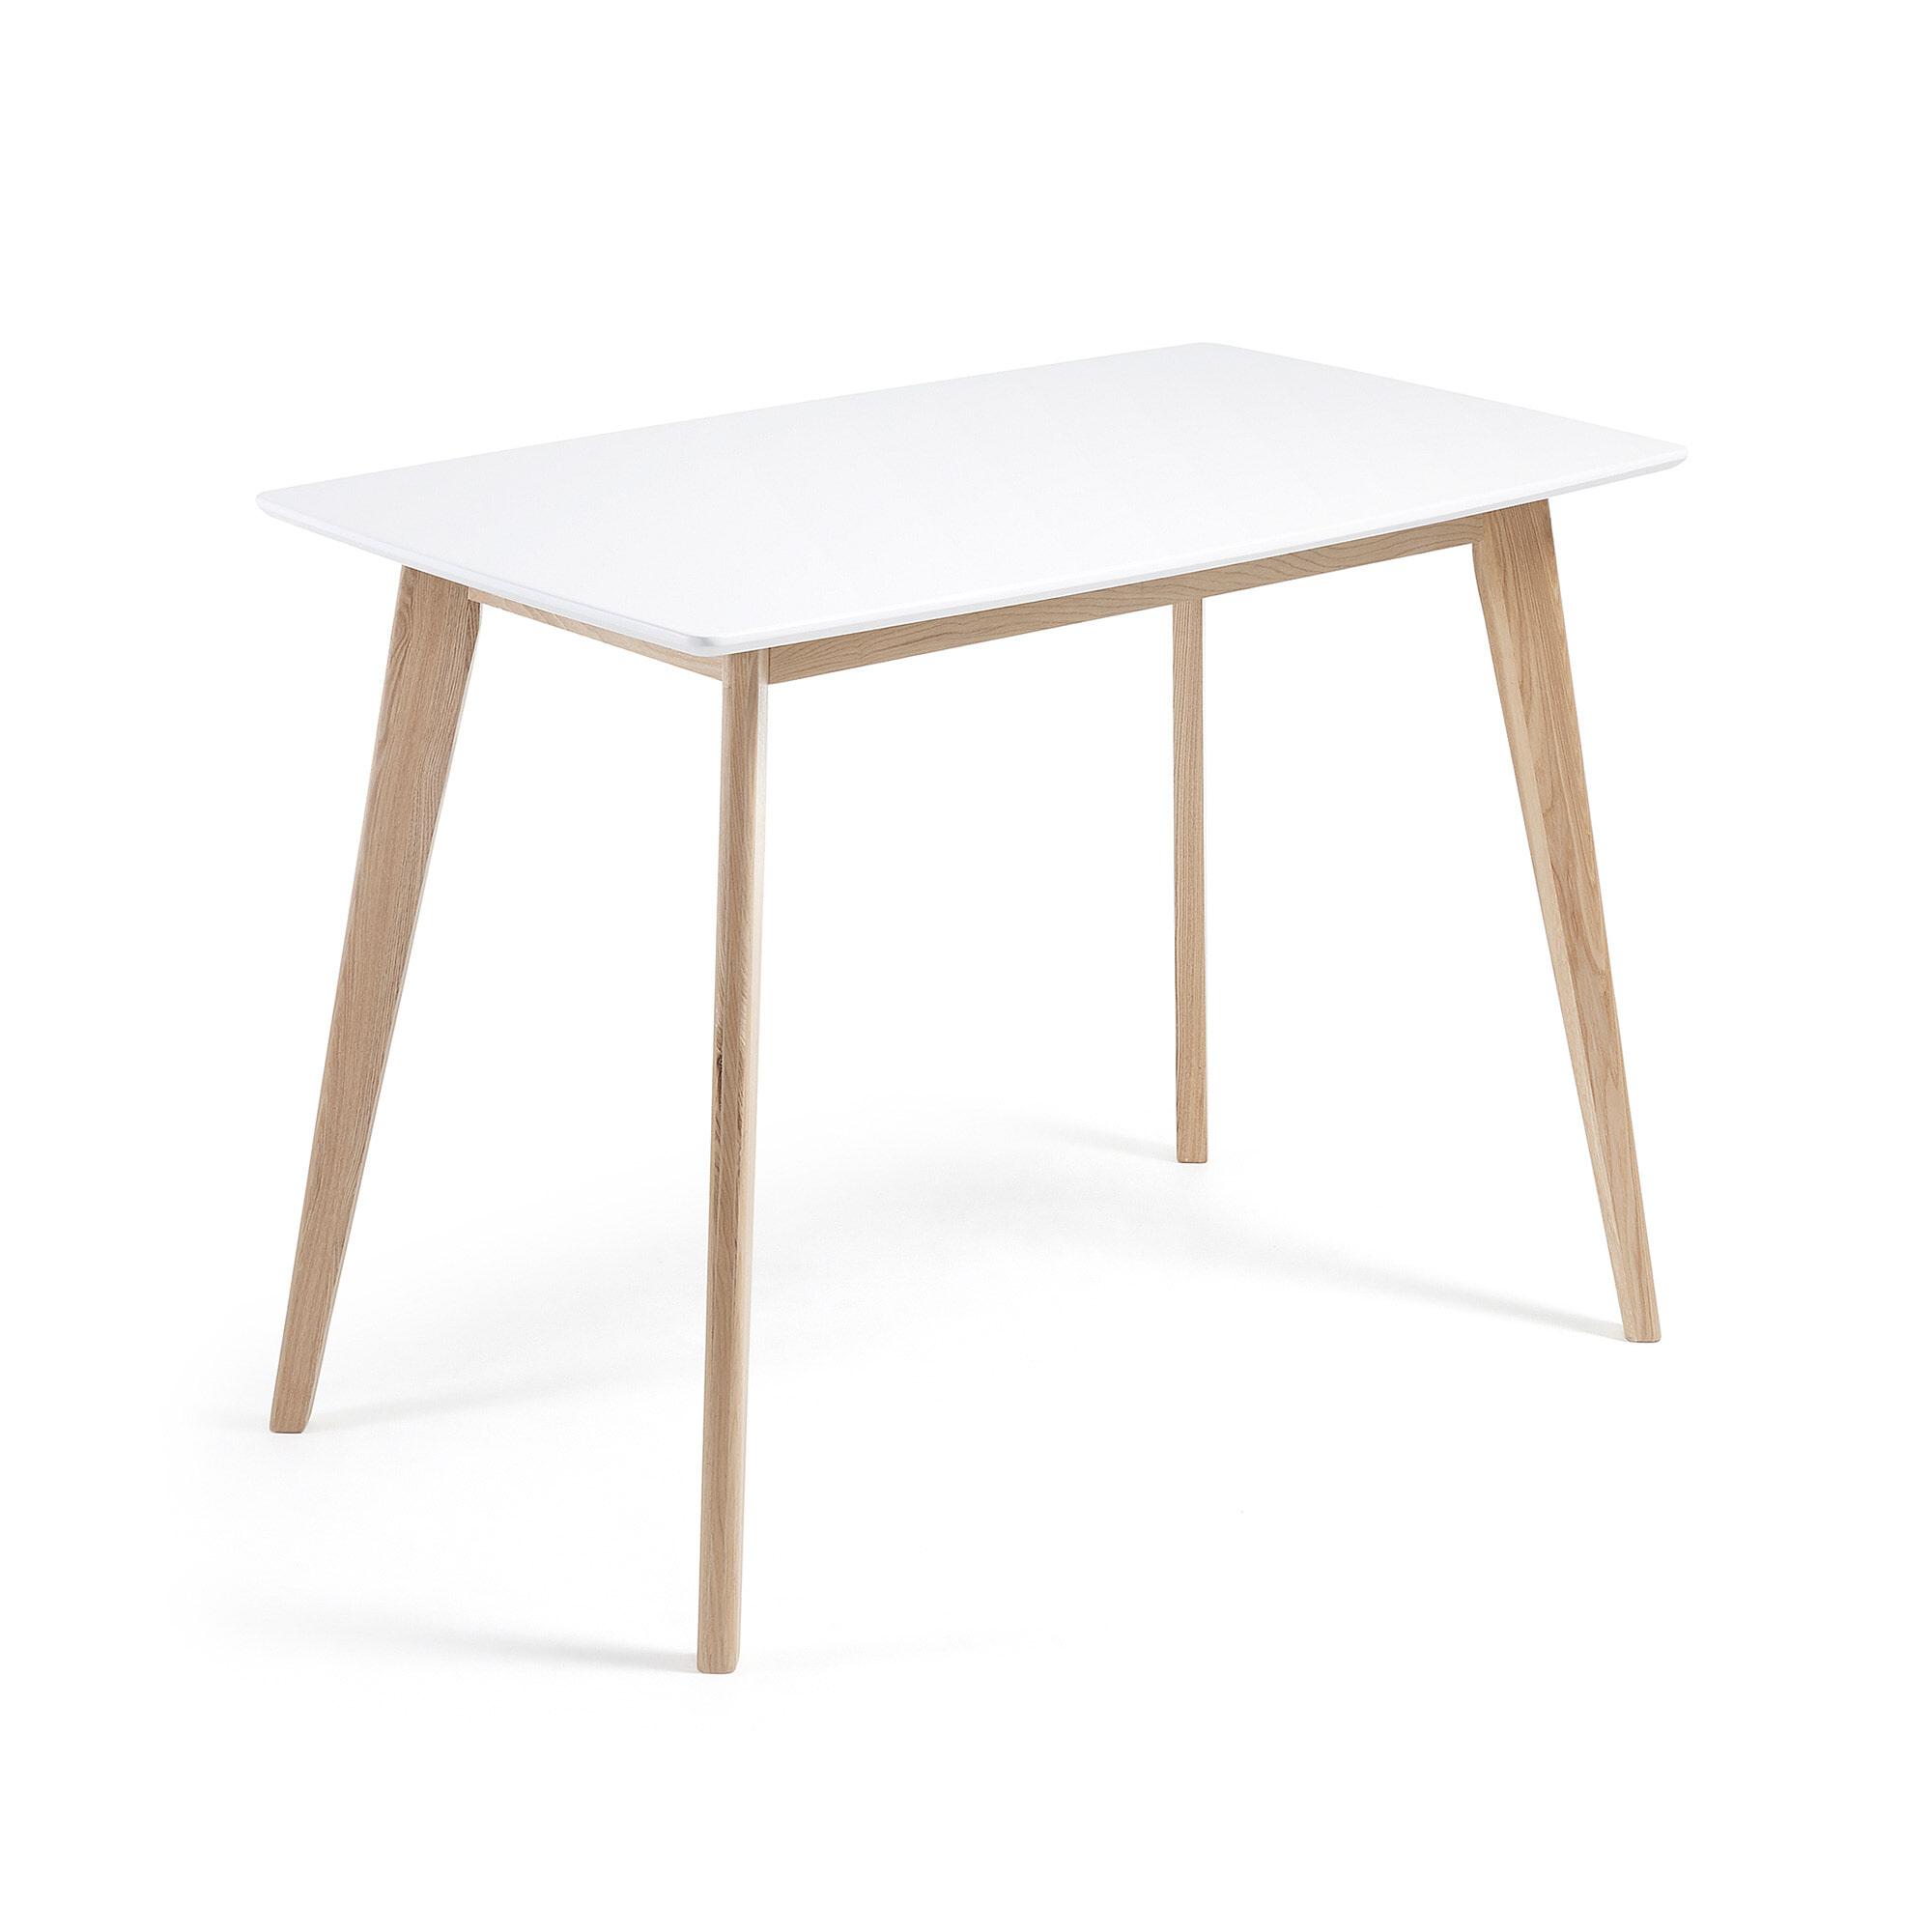 Kave Home Eettafel 'Anit' 120 x 75cm, kleur wit